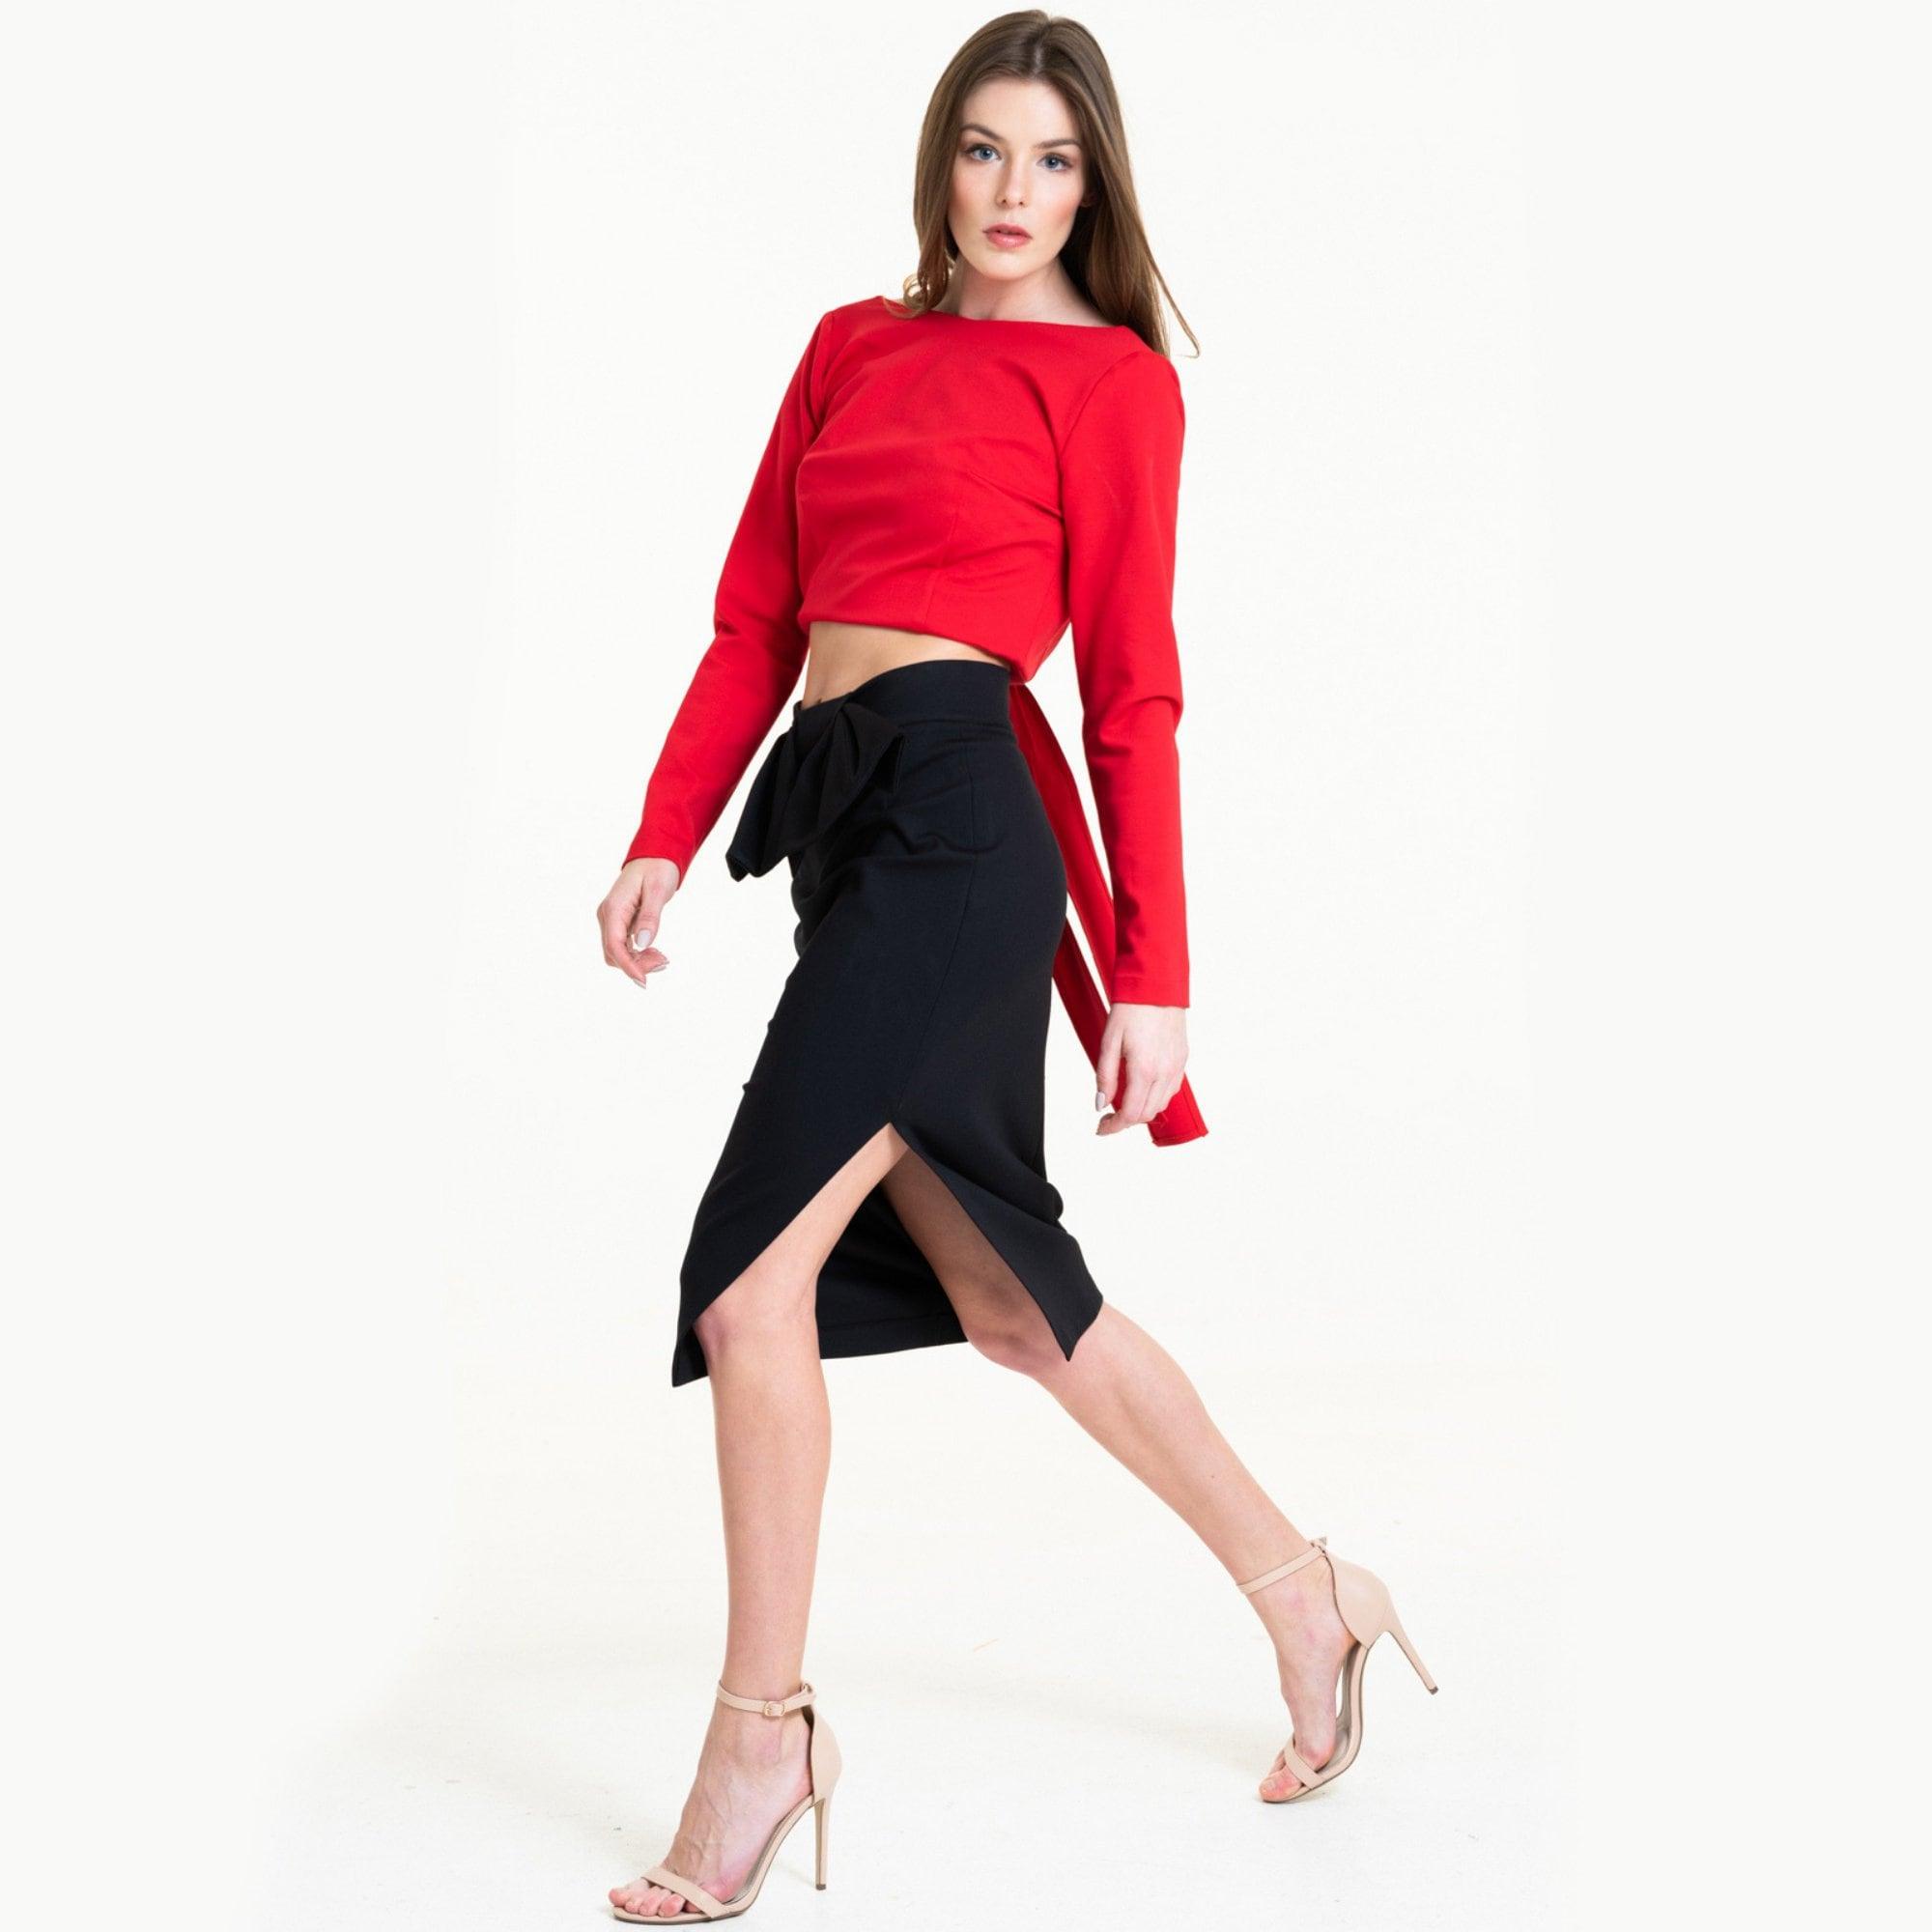 945d21614 Elegant Pencil Skirt Classic Black Skirt Stylish Work Skirt | Etsy